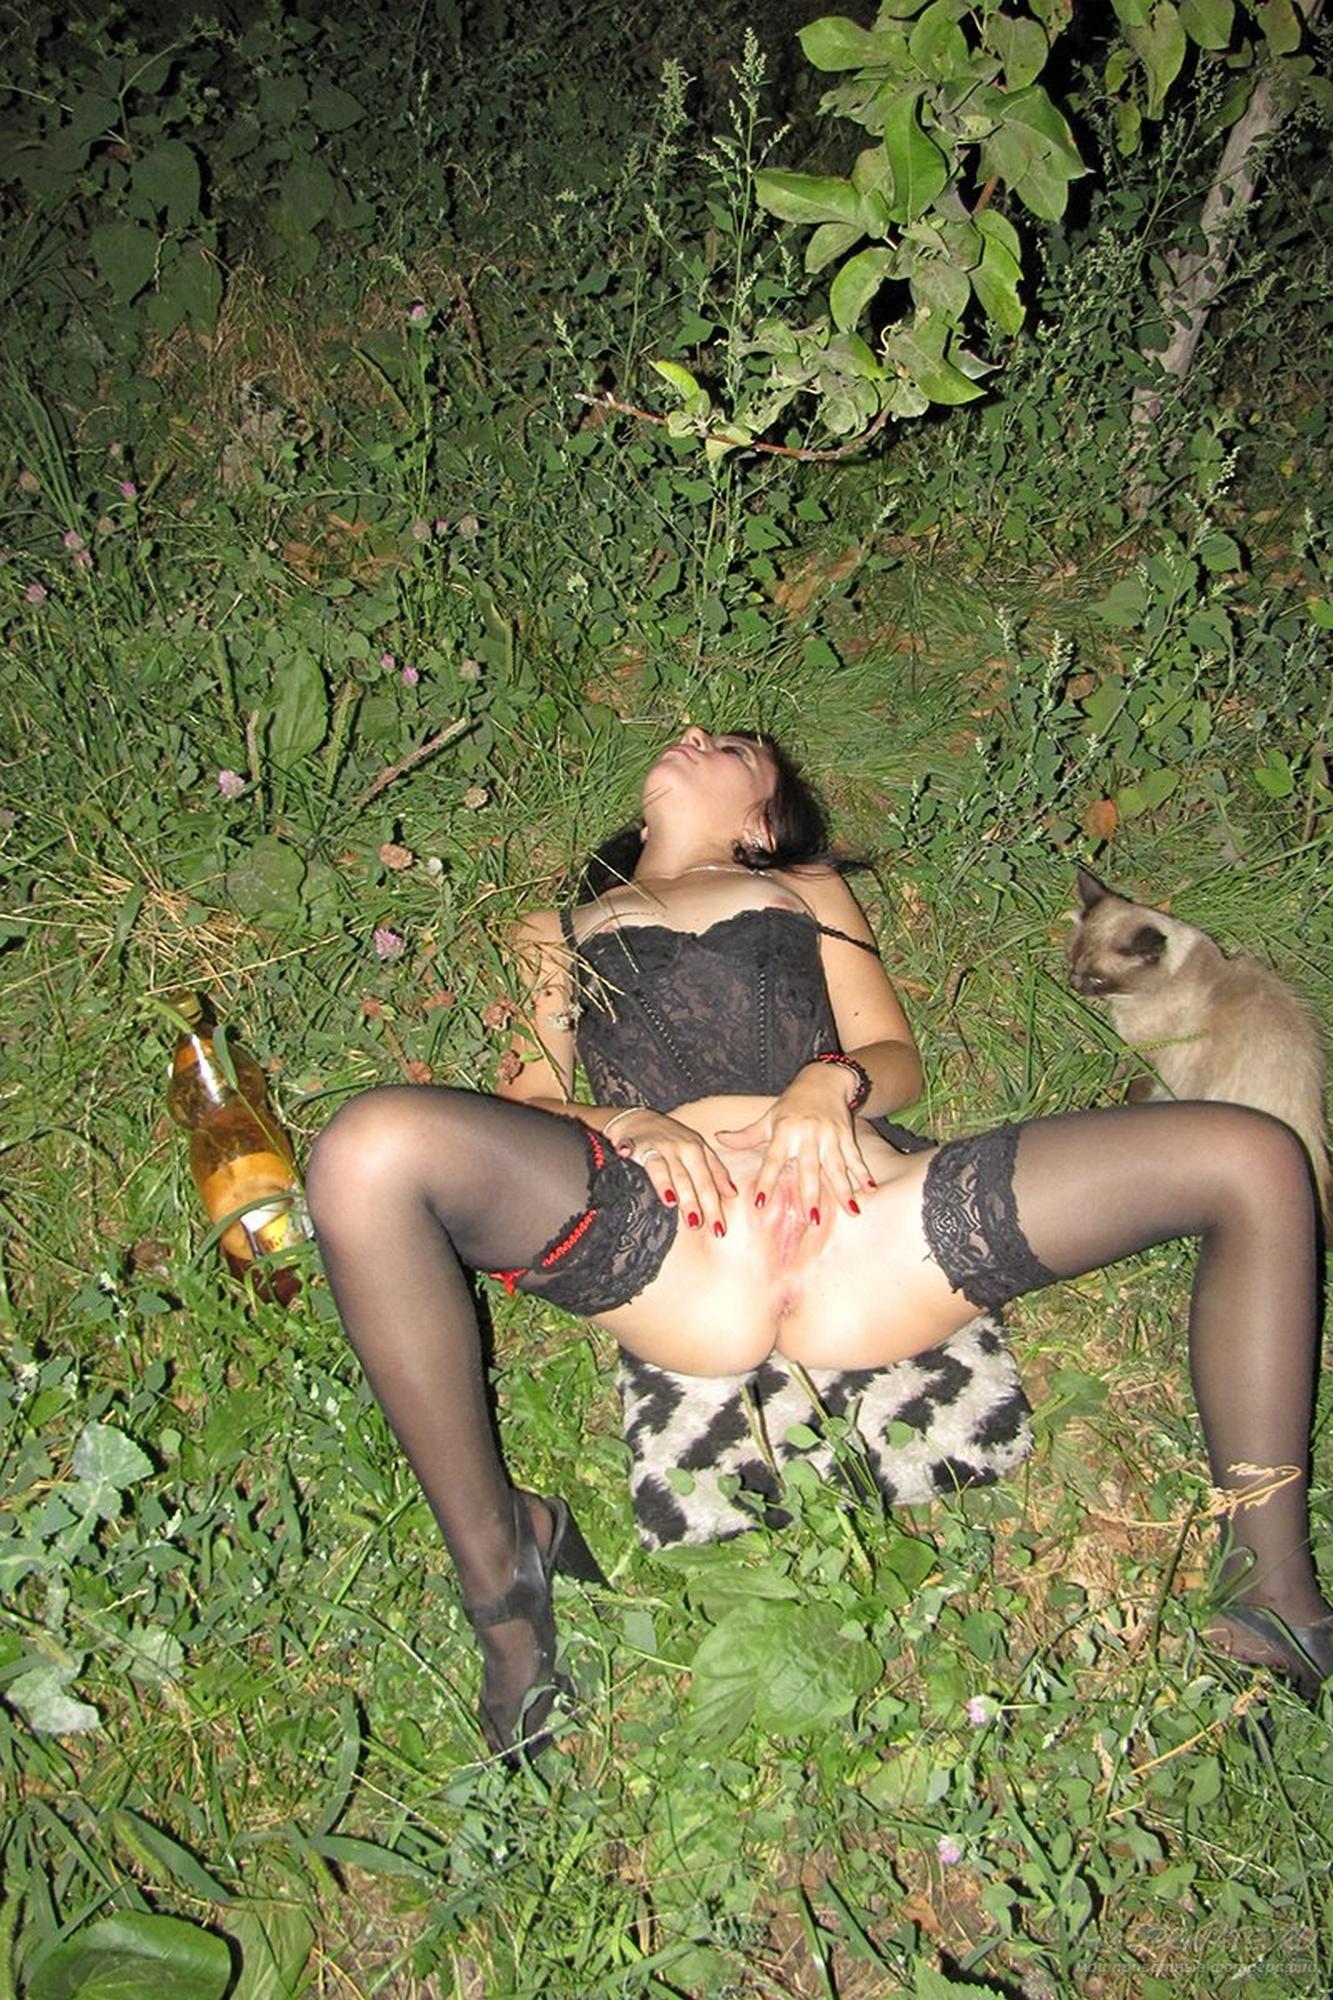 Ночью в посадке брюнетка бахвалится киской